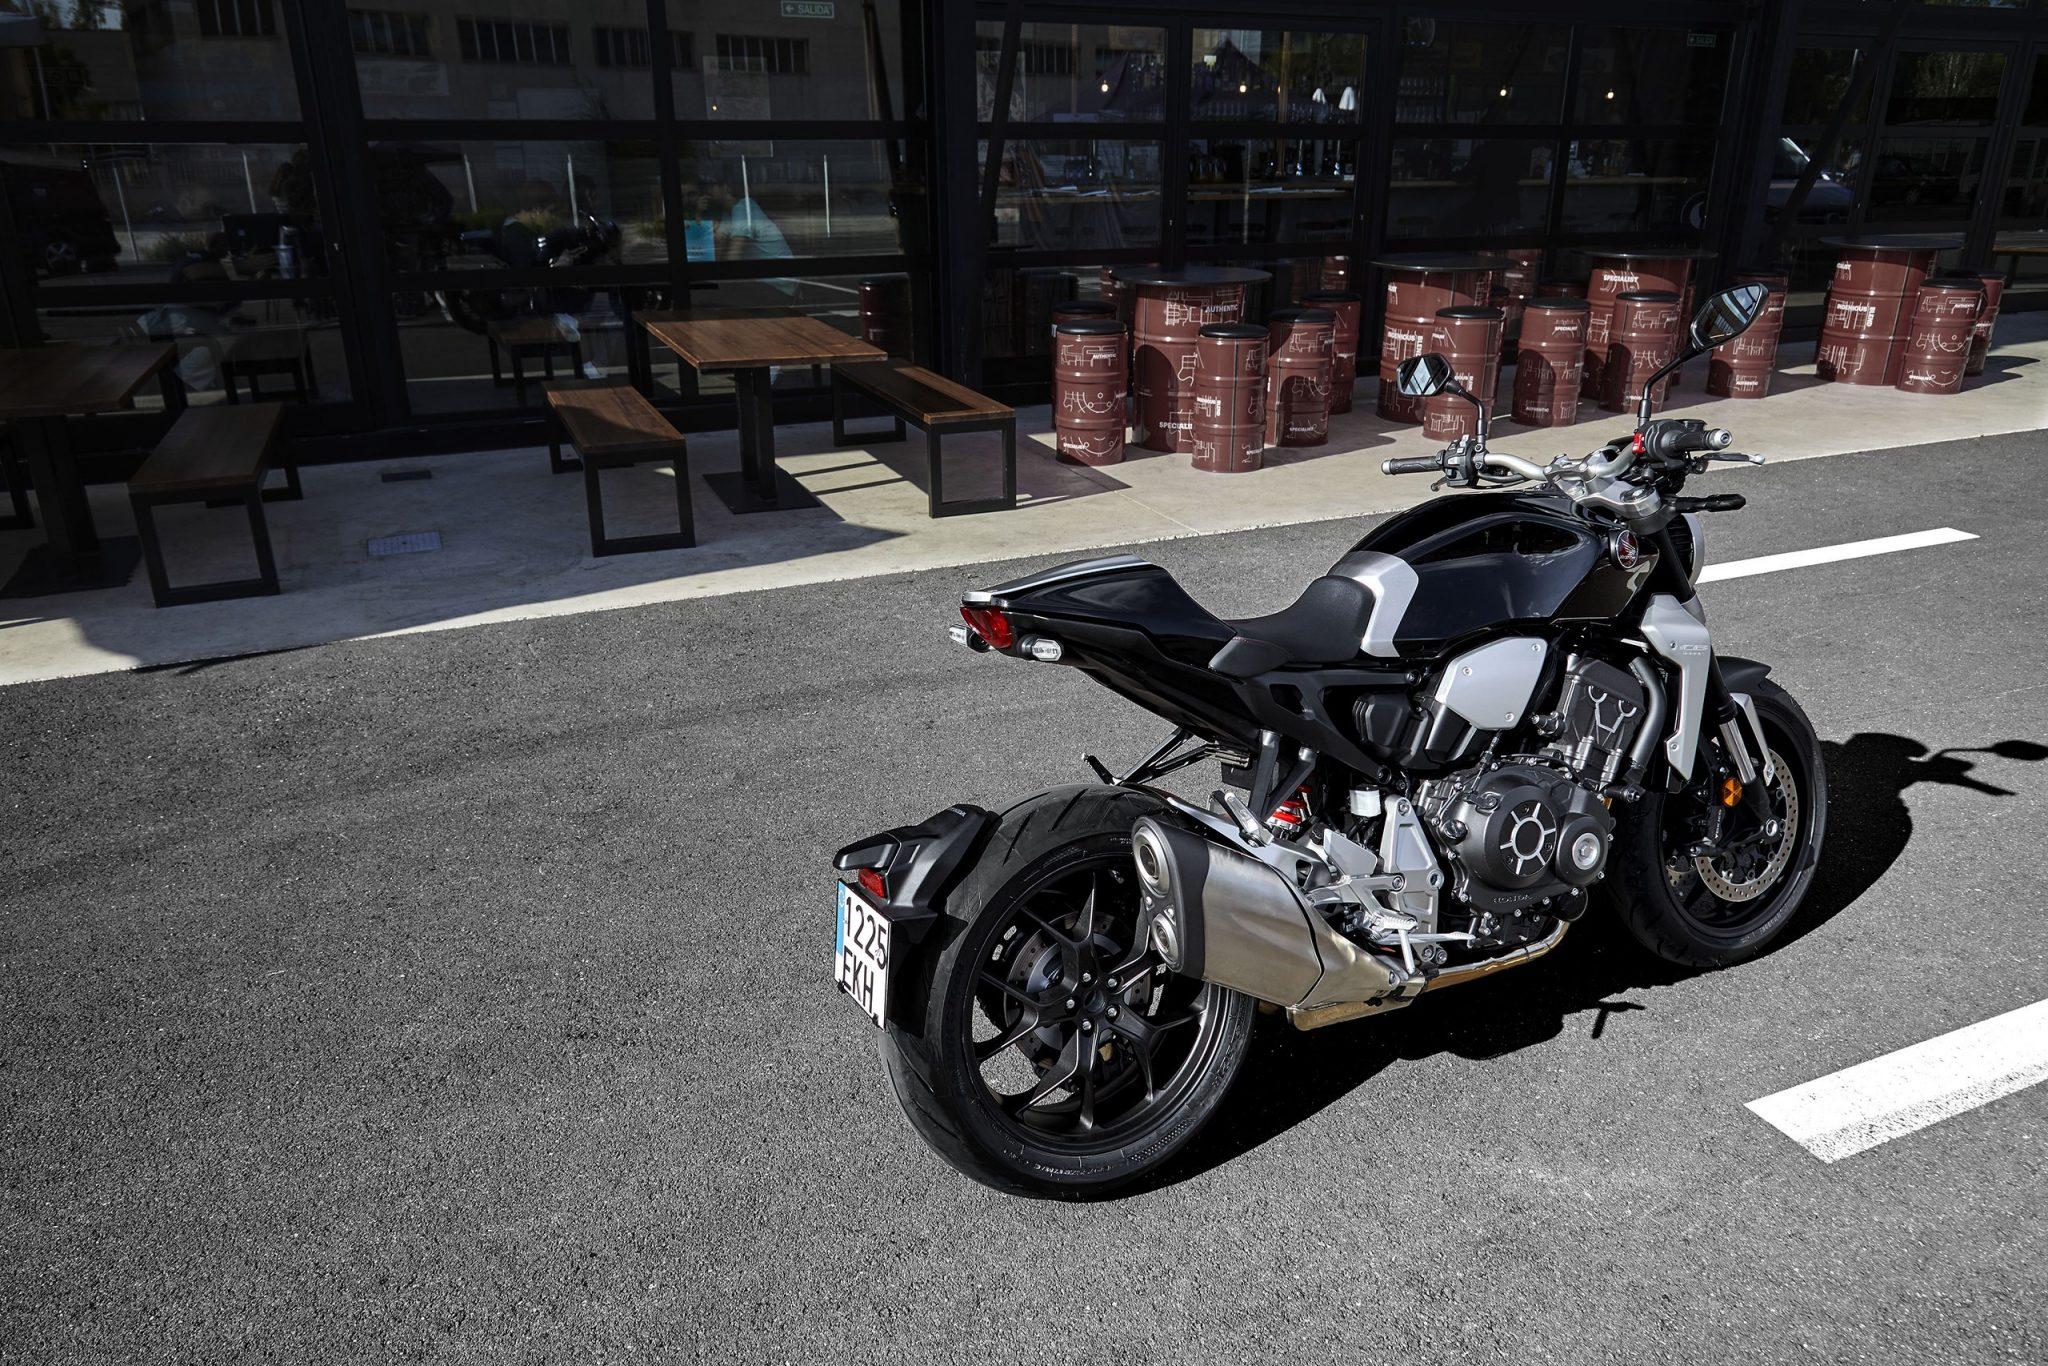 Honda Bike CB1000R 2018 bei Auto Stahl Seitansicht Schwarz Silber Straße